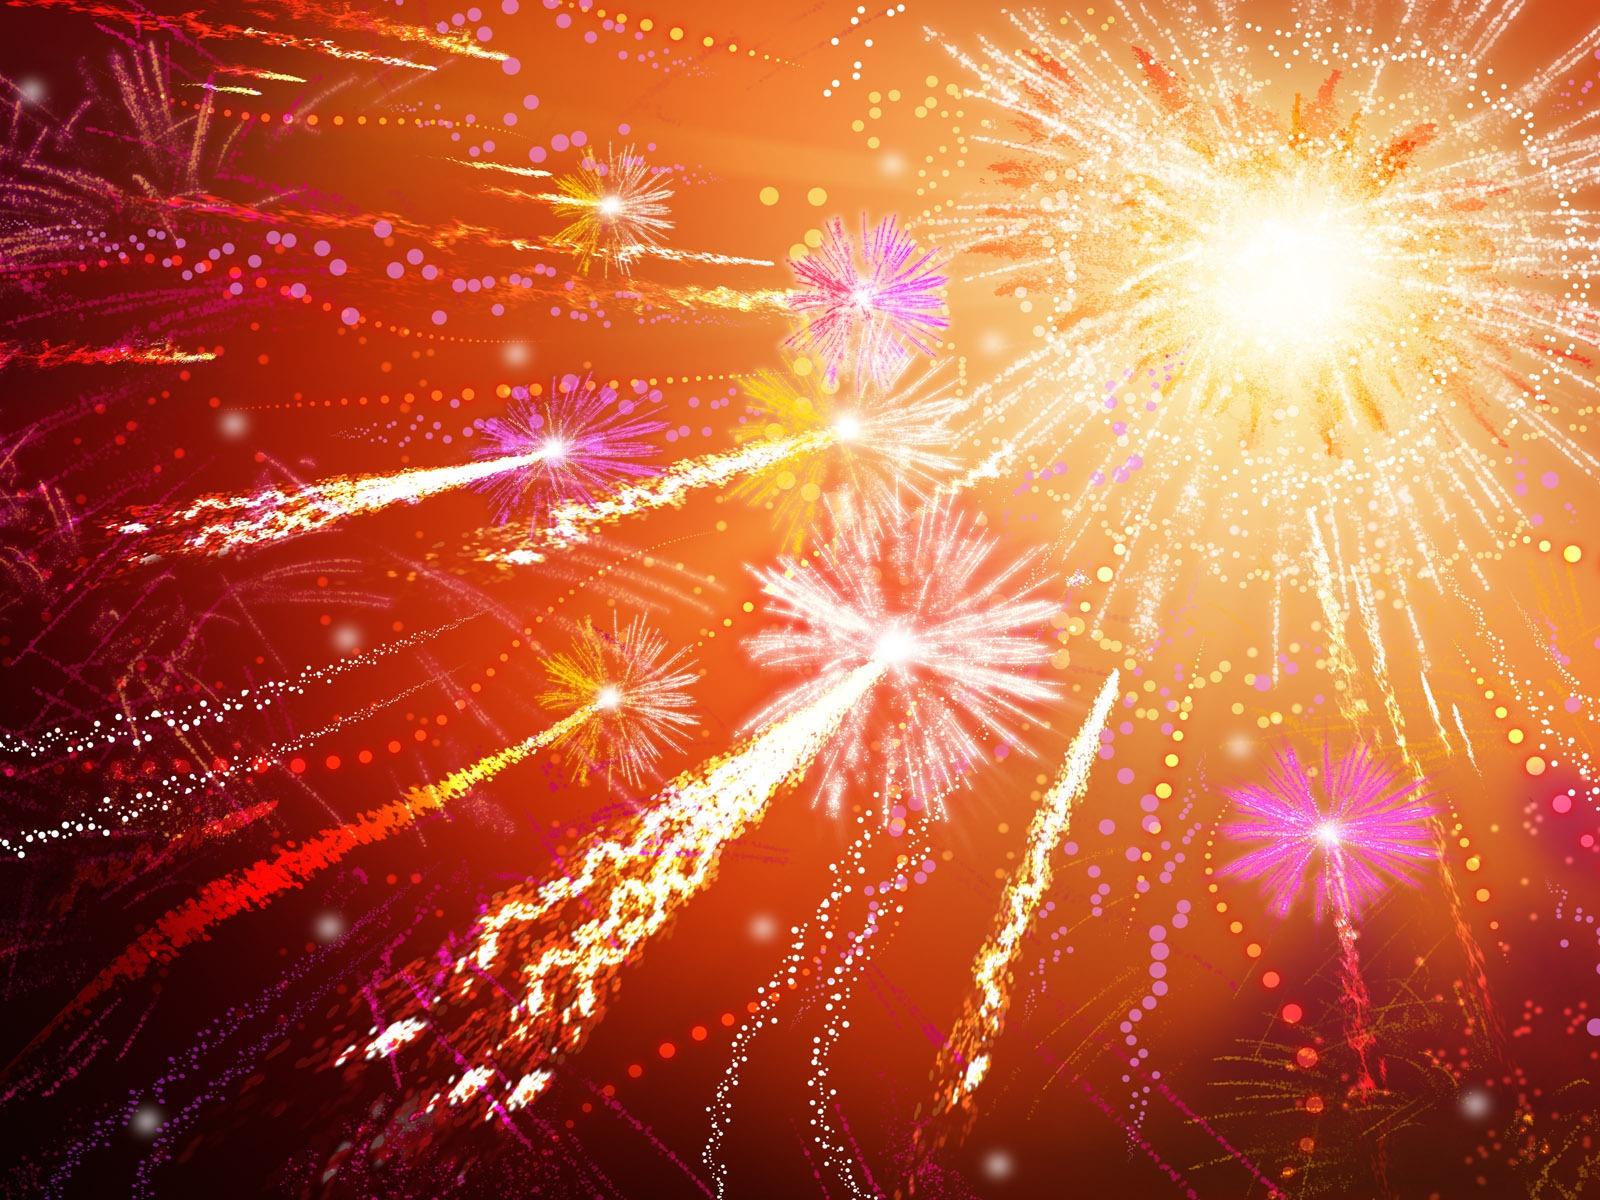 Wallpapers HD: 11 Wallpapers De Fuegos Artificiales